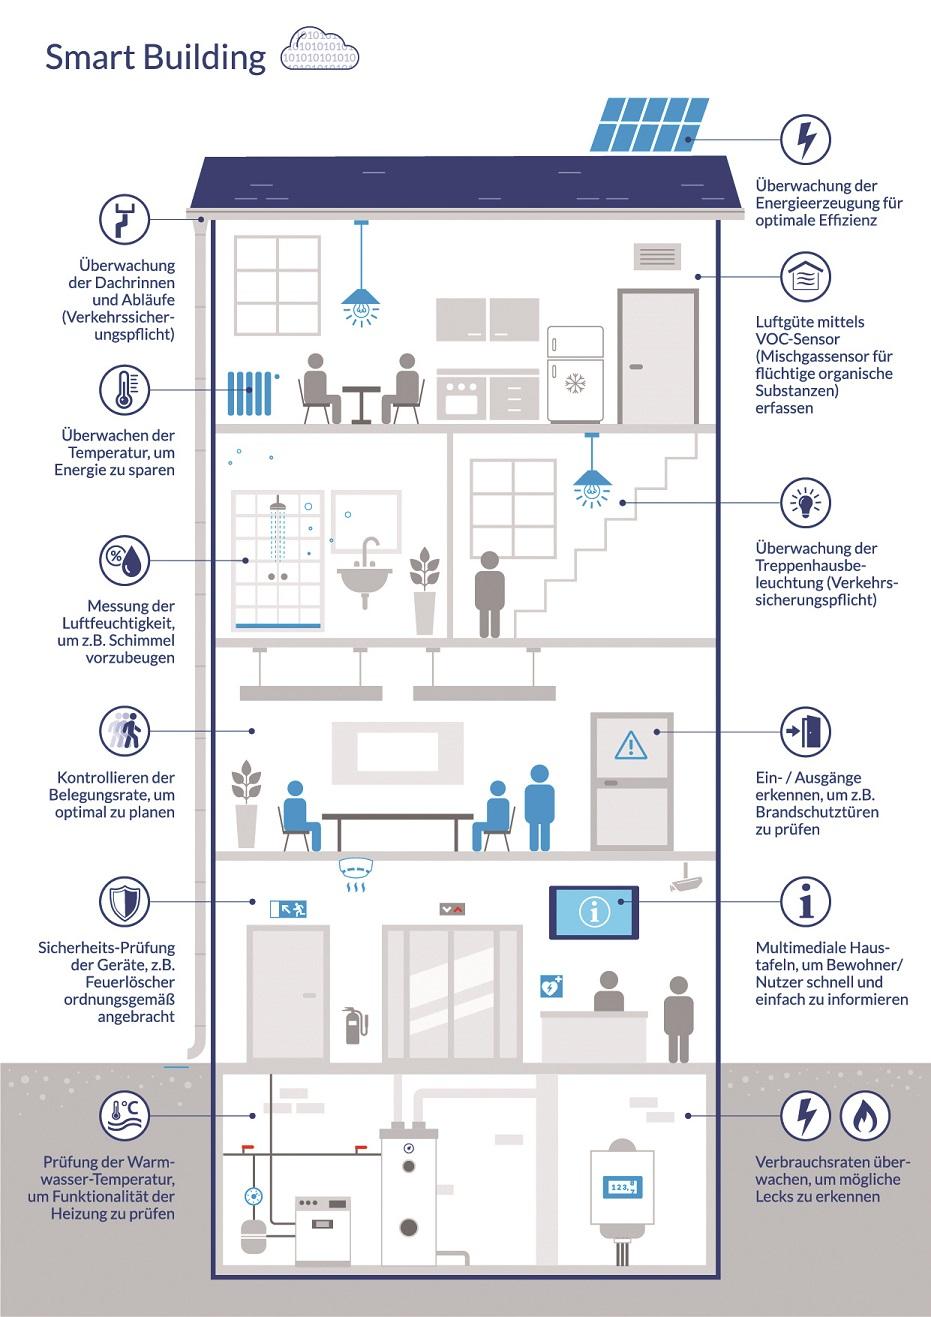 Digitale Wohnungswirtschaft - mit smarten Gebäuden smart profitieren